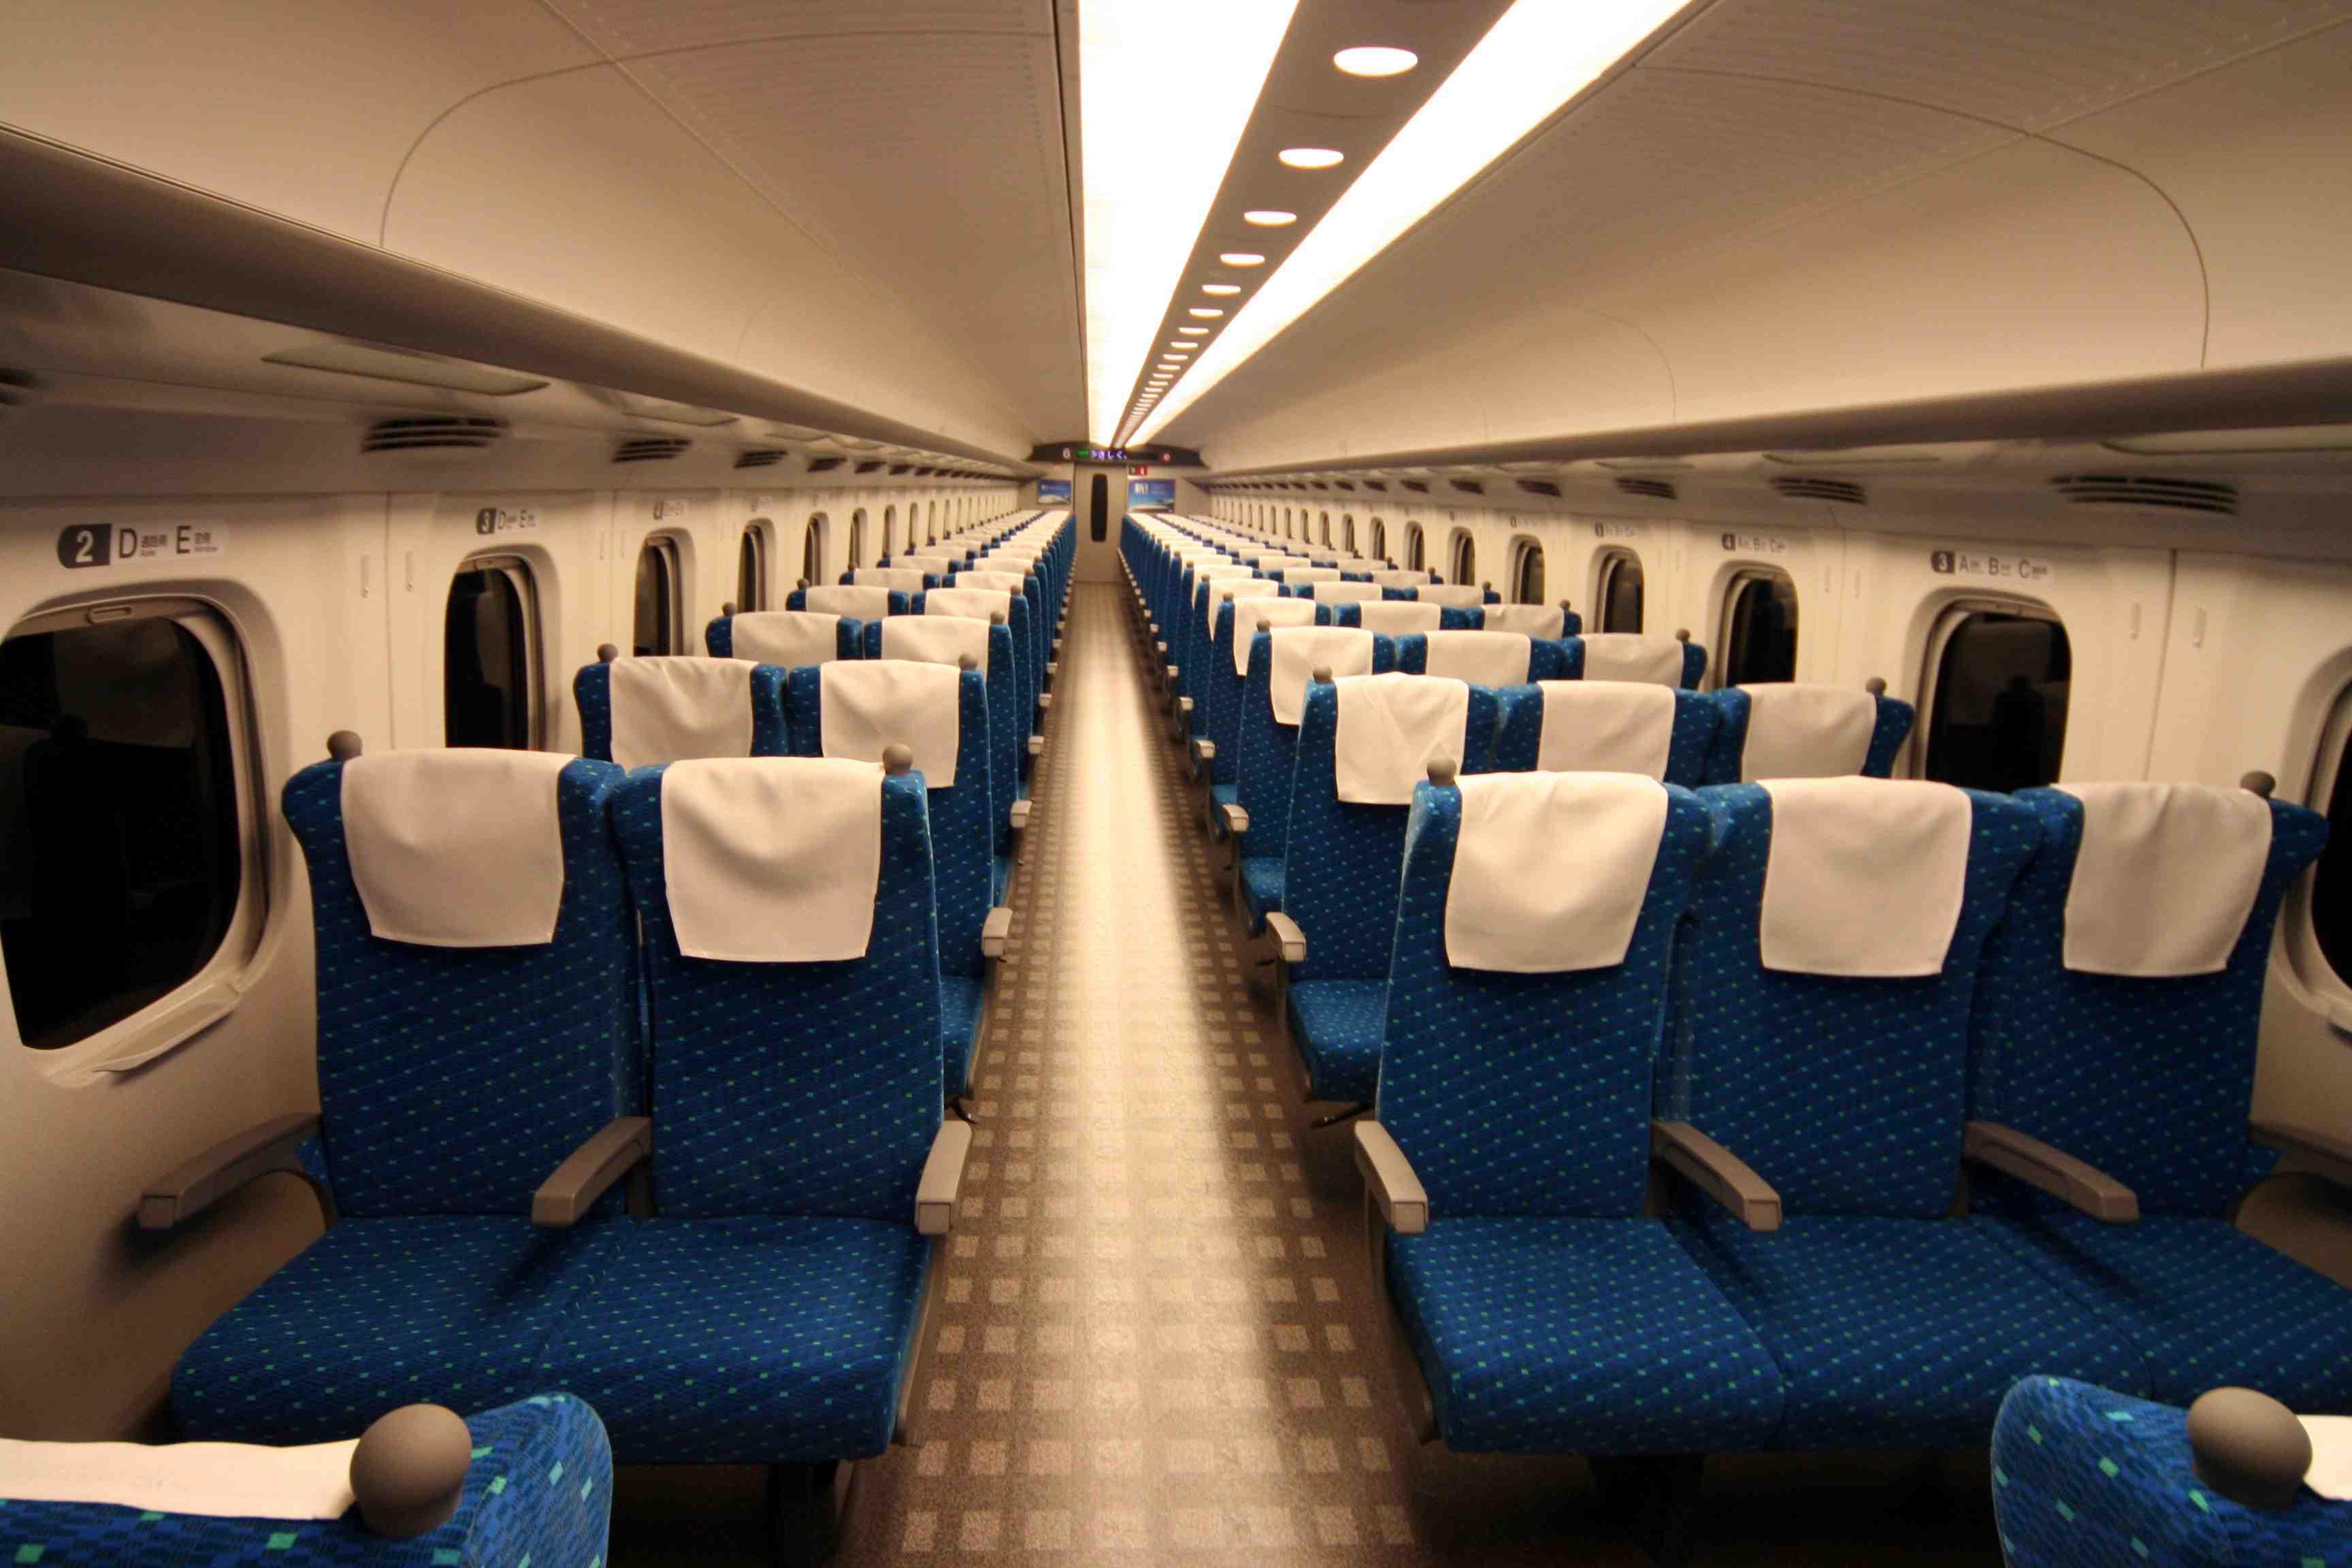 「新幹線 座席」の画像検索結果